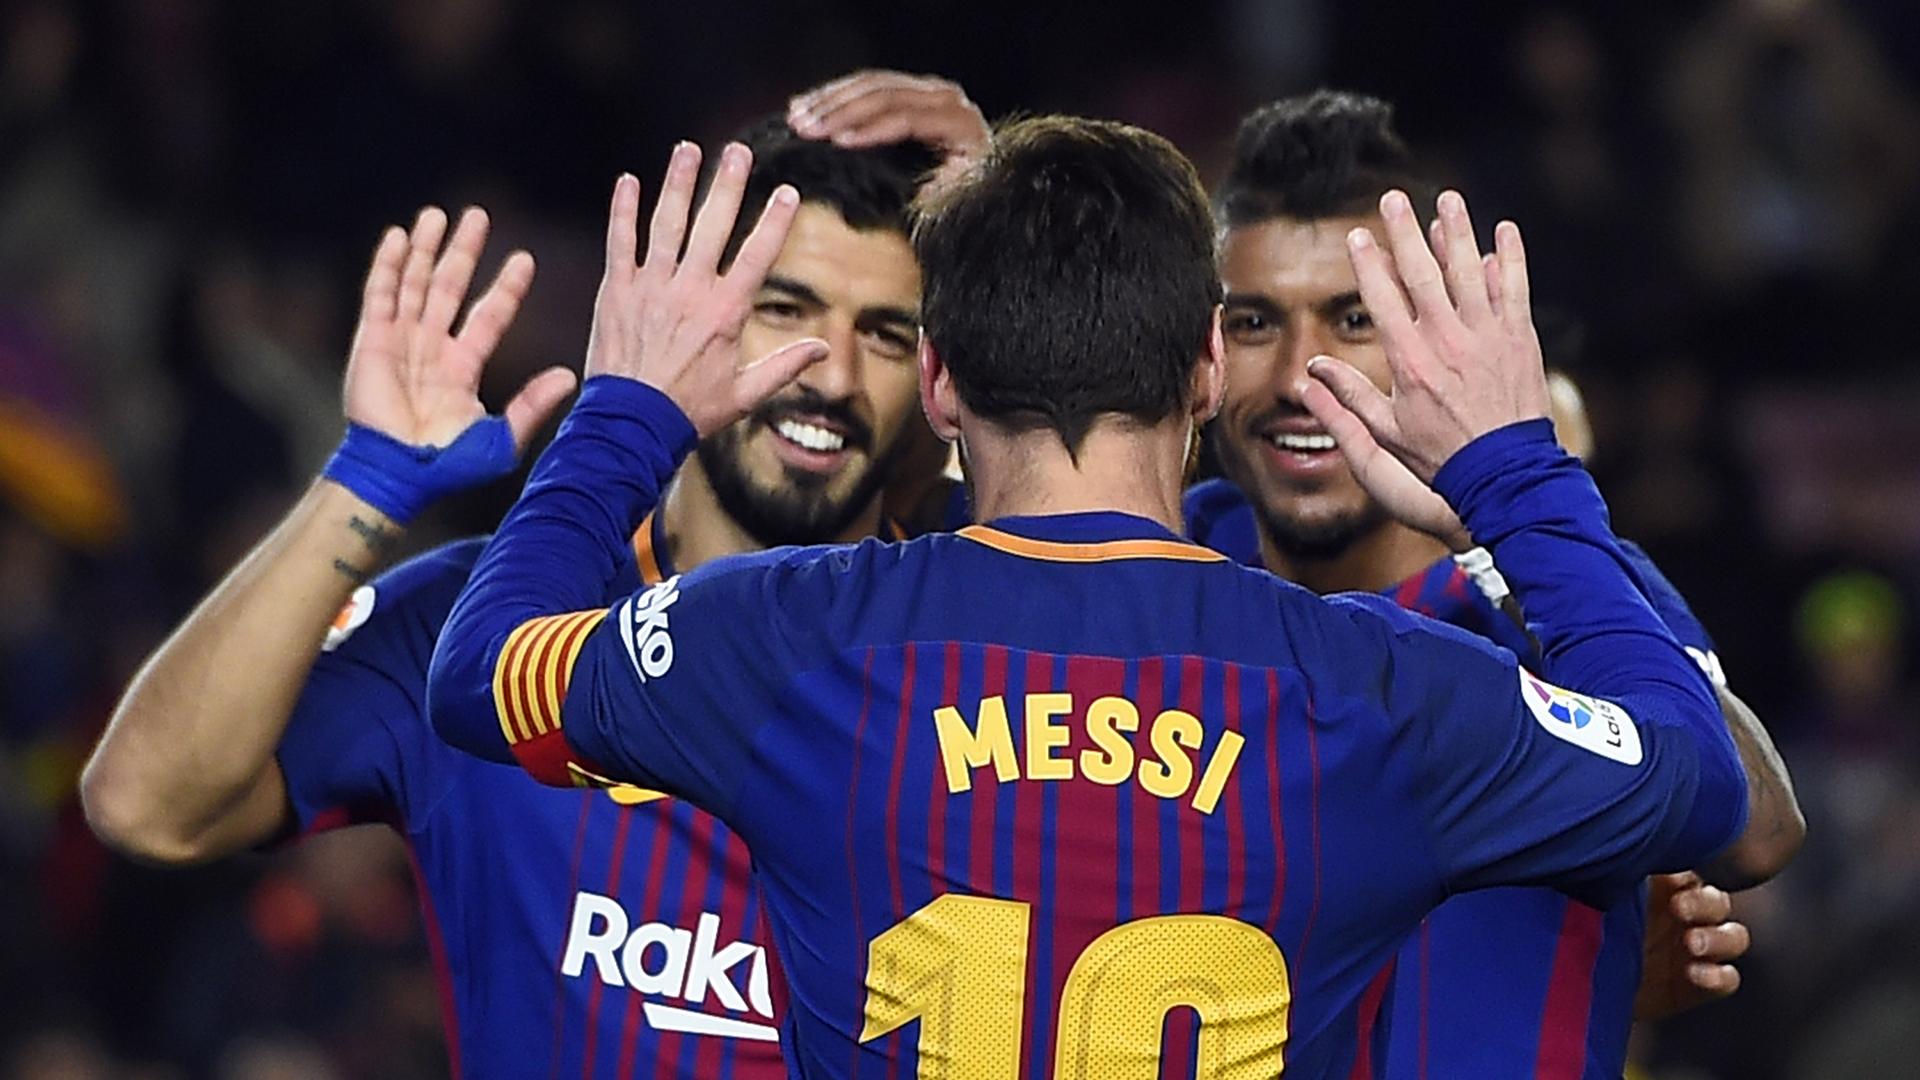 EL DETALLE DE LOS 1.000 GOLES Goles oficiales con Barcelona: 527 Goles en amistosos con Barcelona: 34 Goles en la Selección Mayor: 61 Goles en la Selección Sub 23: 2 Goles en la Selección Sub 20: 14 Goles en Inferiores con Newell's y Barcelona: 339 Goles en partidos a beneficio: 23